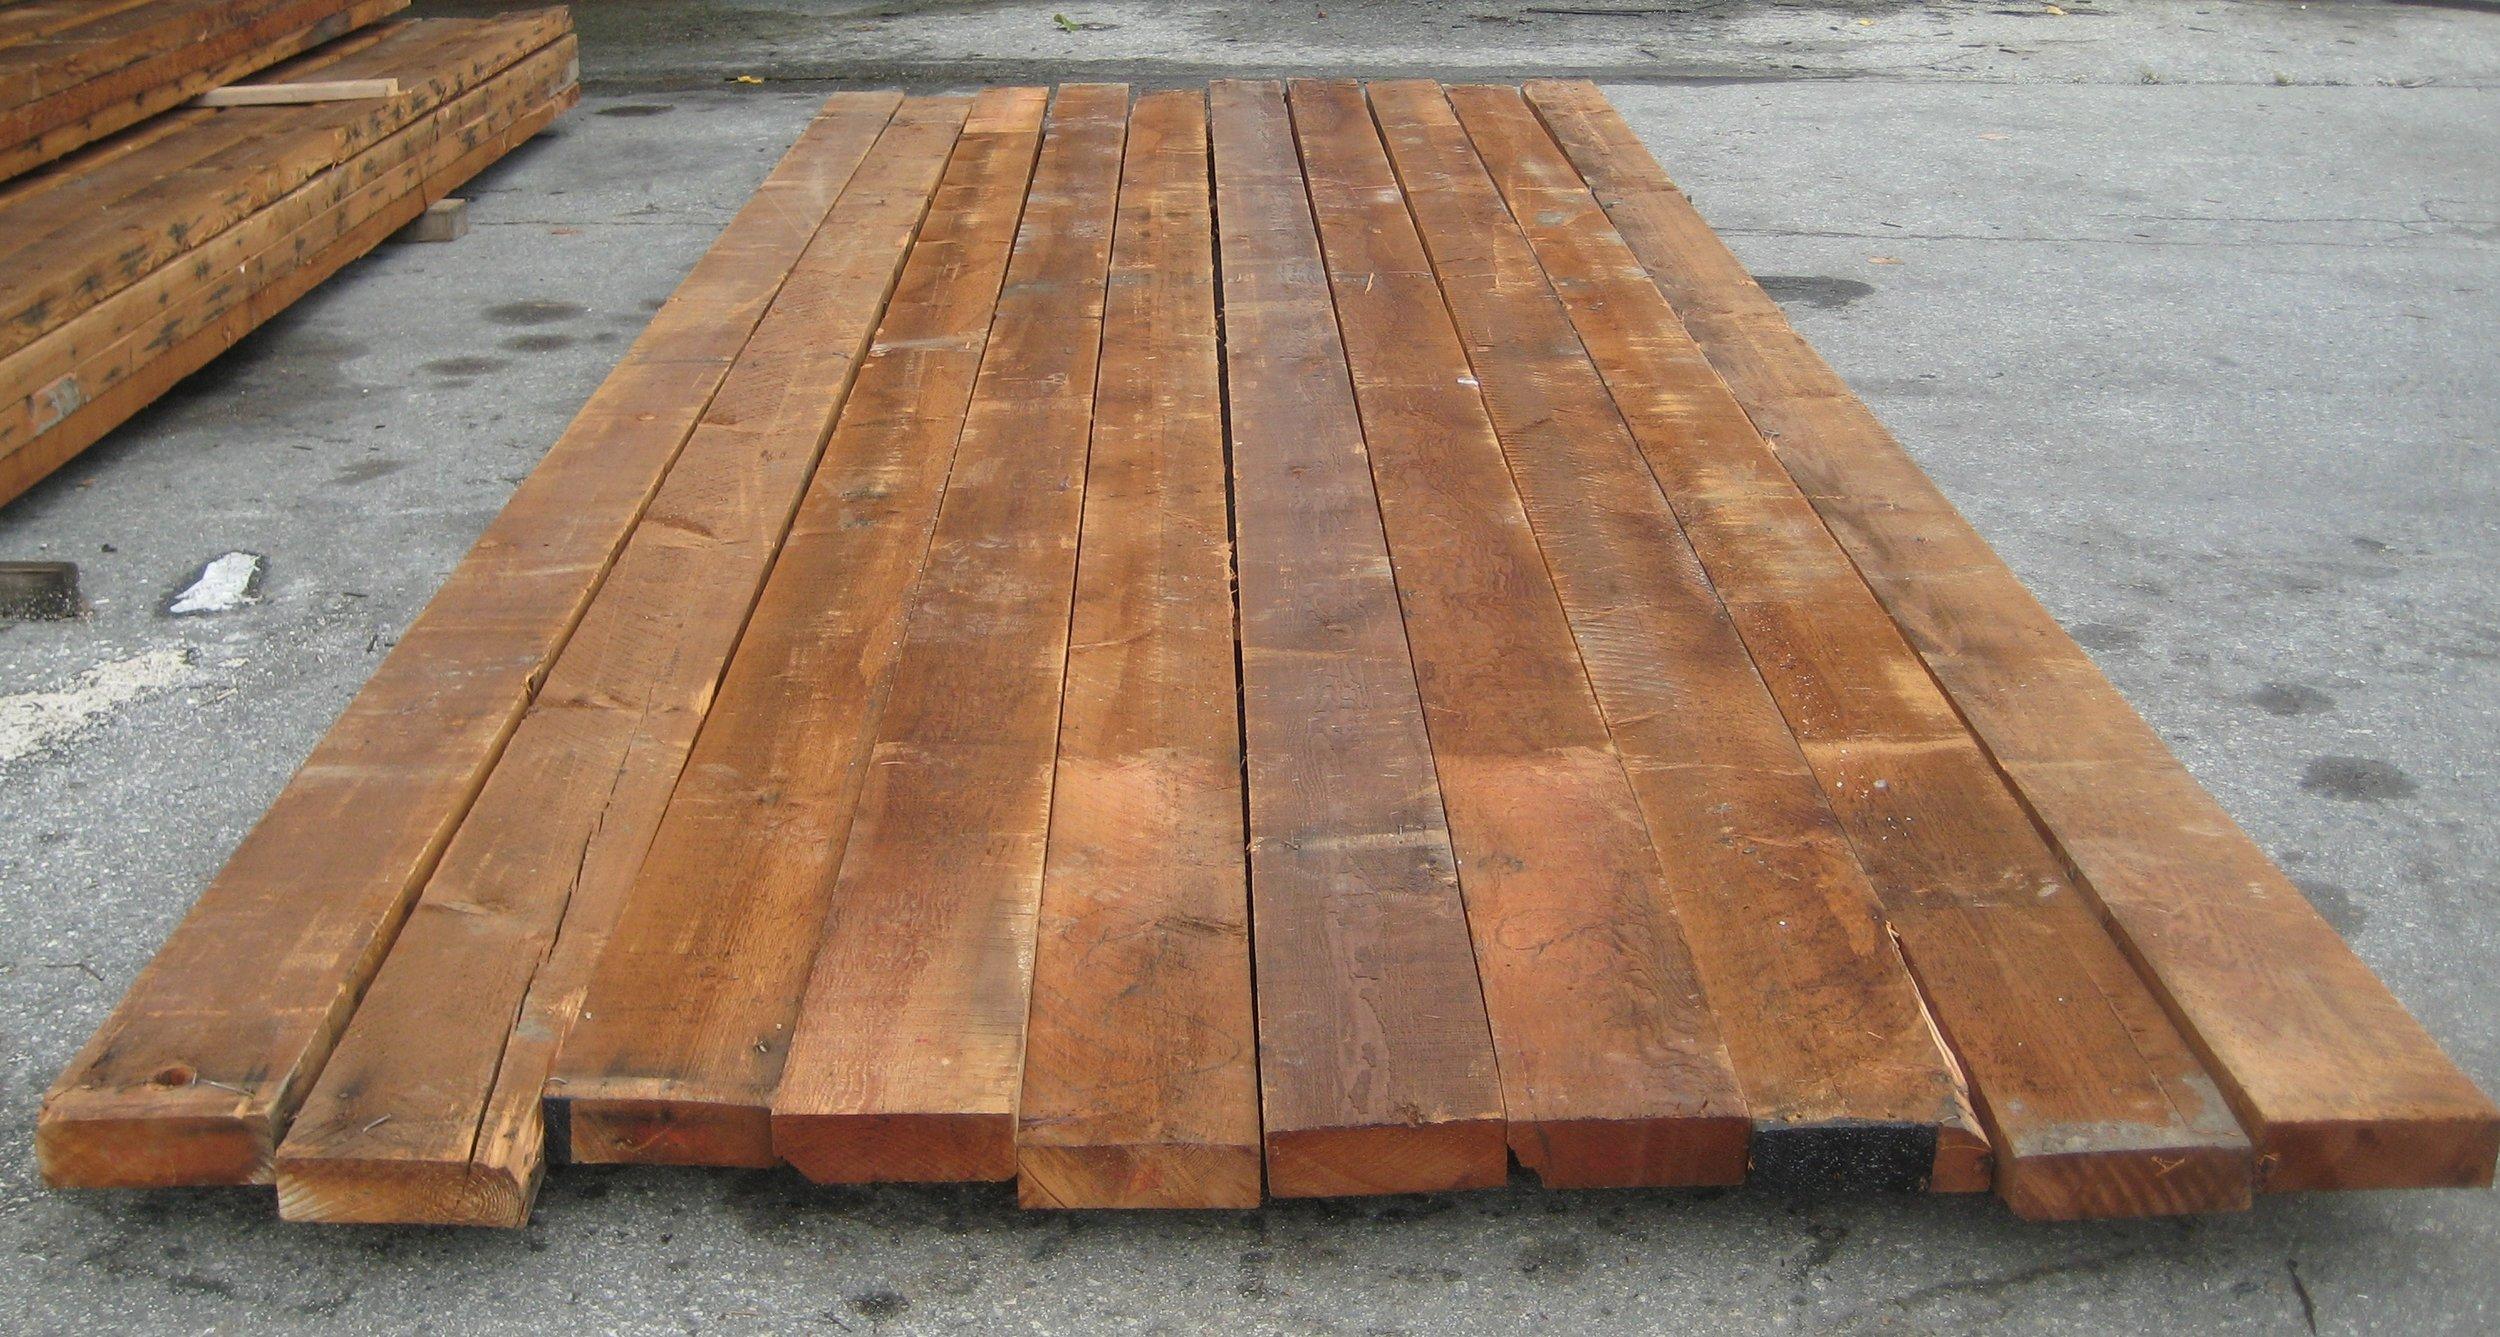 2011-09-23 glenrose dimensional barnboard  (1)b.jpg